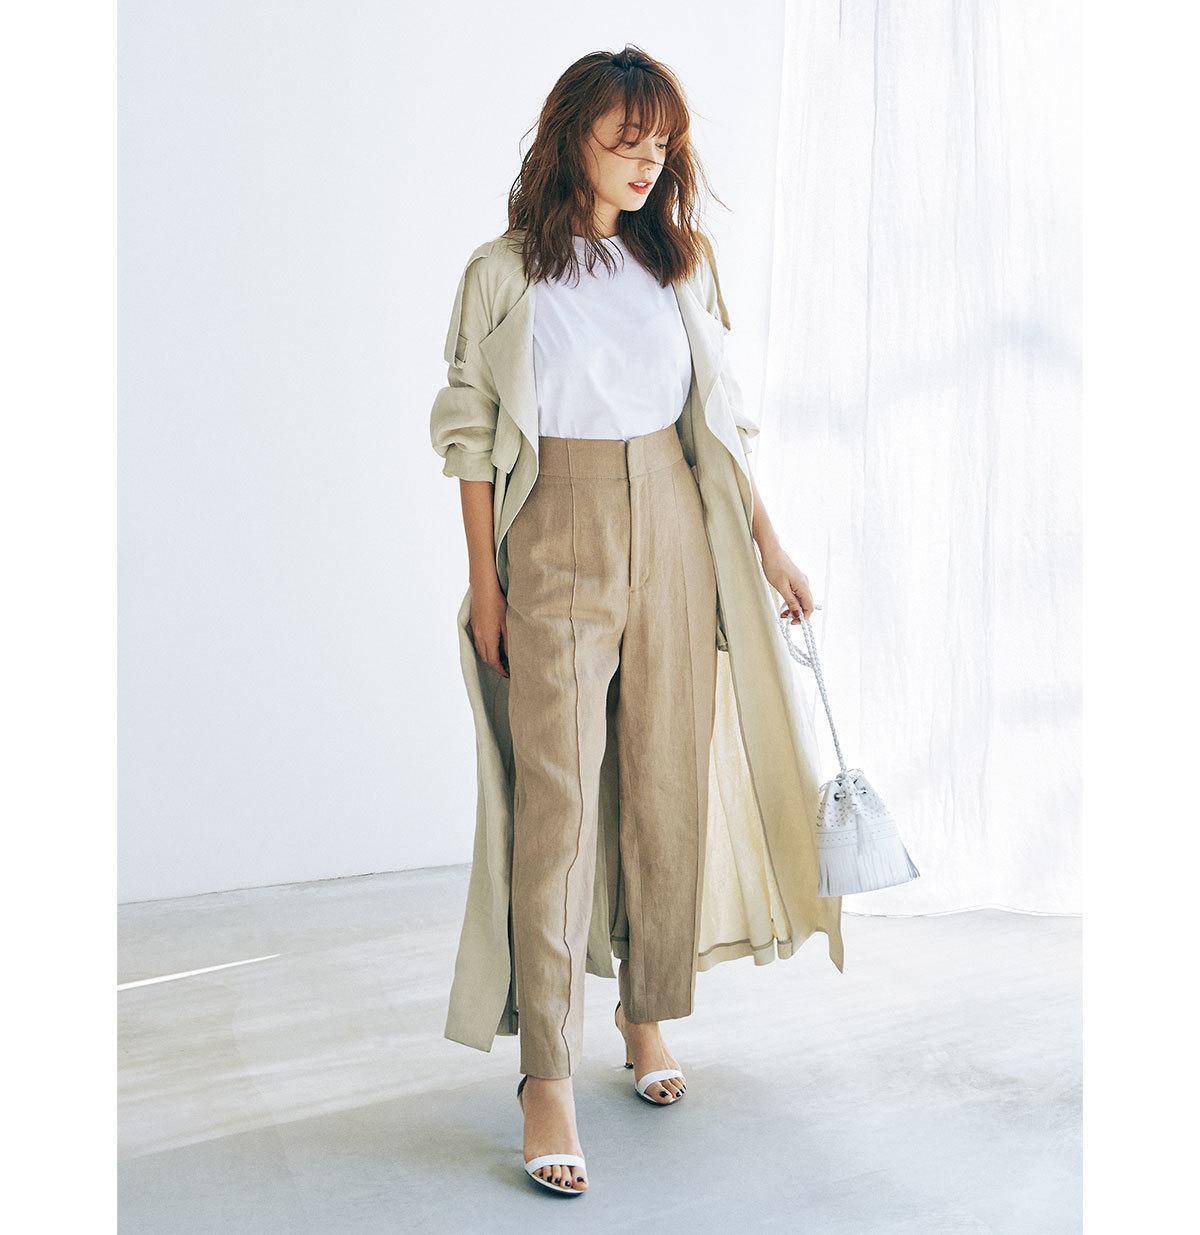 40代の「おしゃれになりたい」をかなえるファッションブランドは? 注目したいアイテムは? | アラフォーファッション_1_37